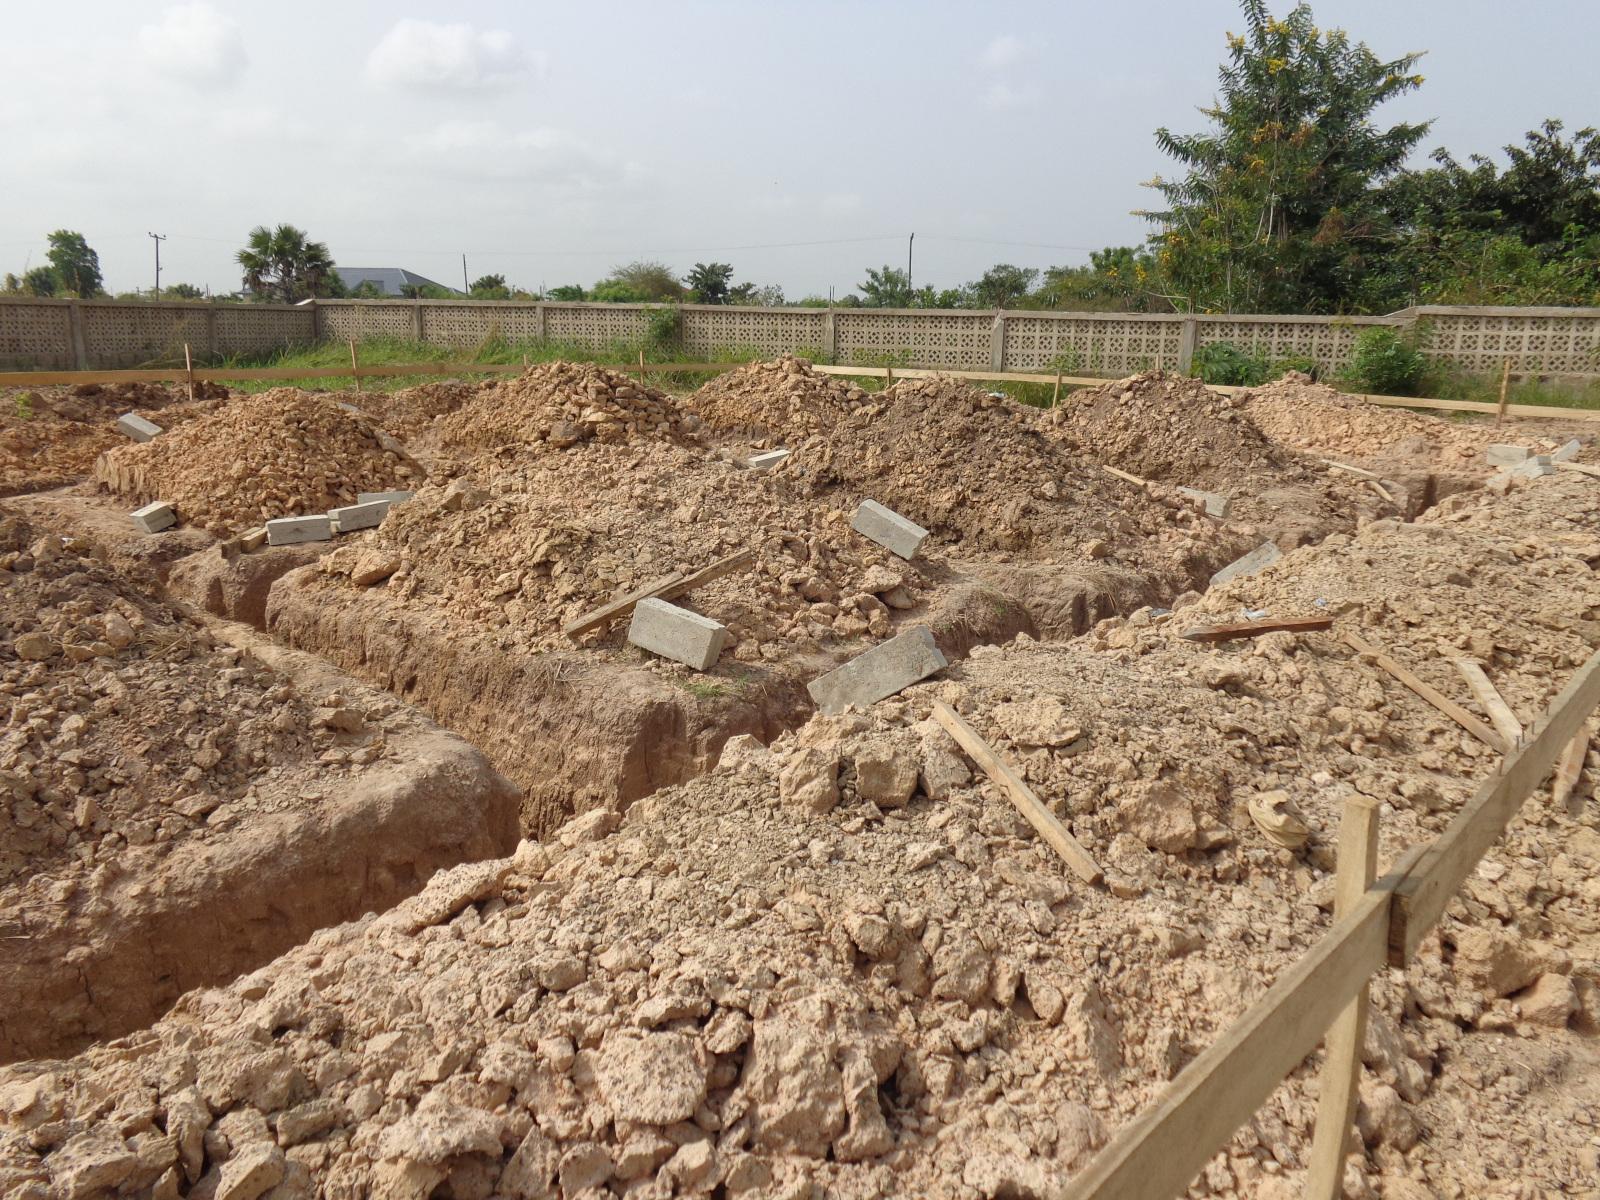 Erster Ausbau 2013 - Die ersten Gebäude werden auf dem großen Gelände gebaut